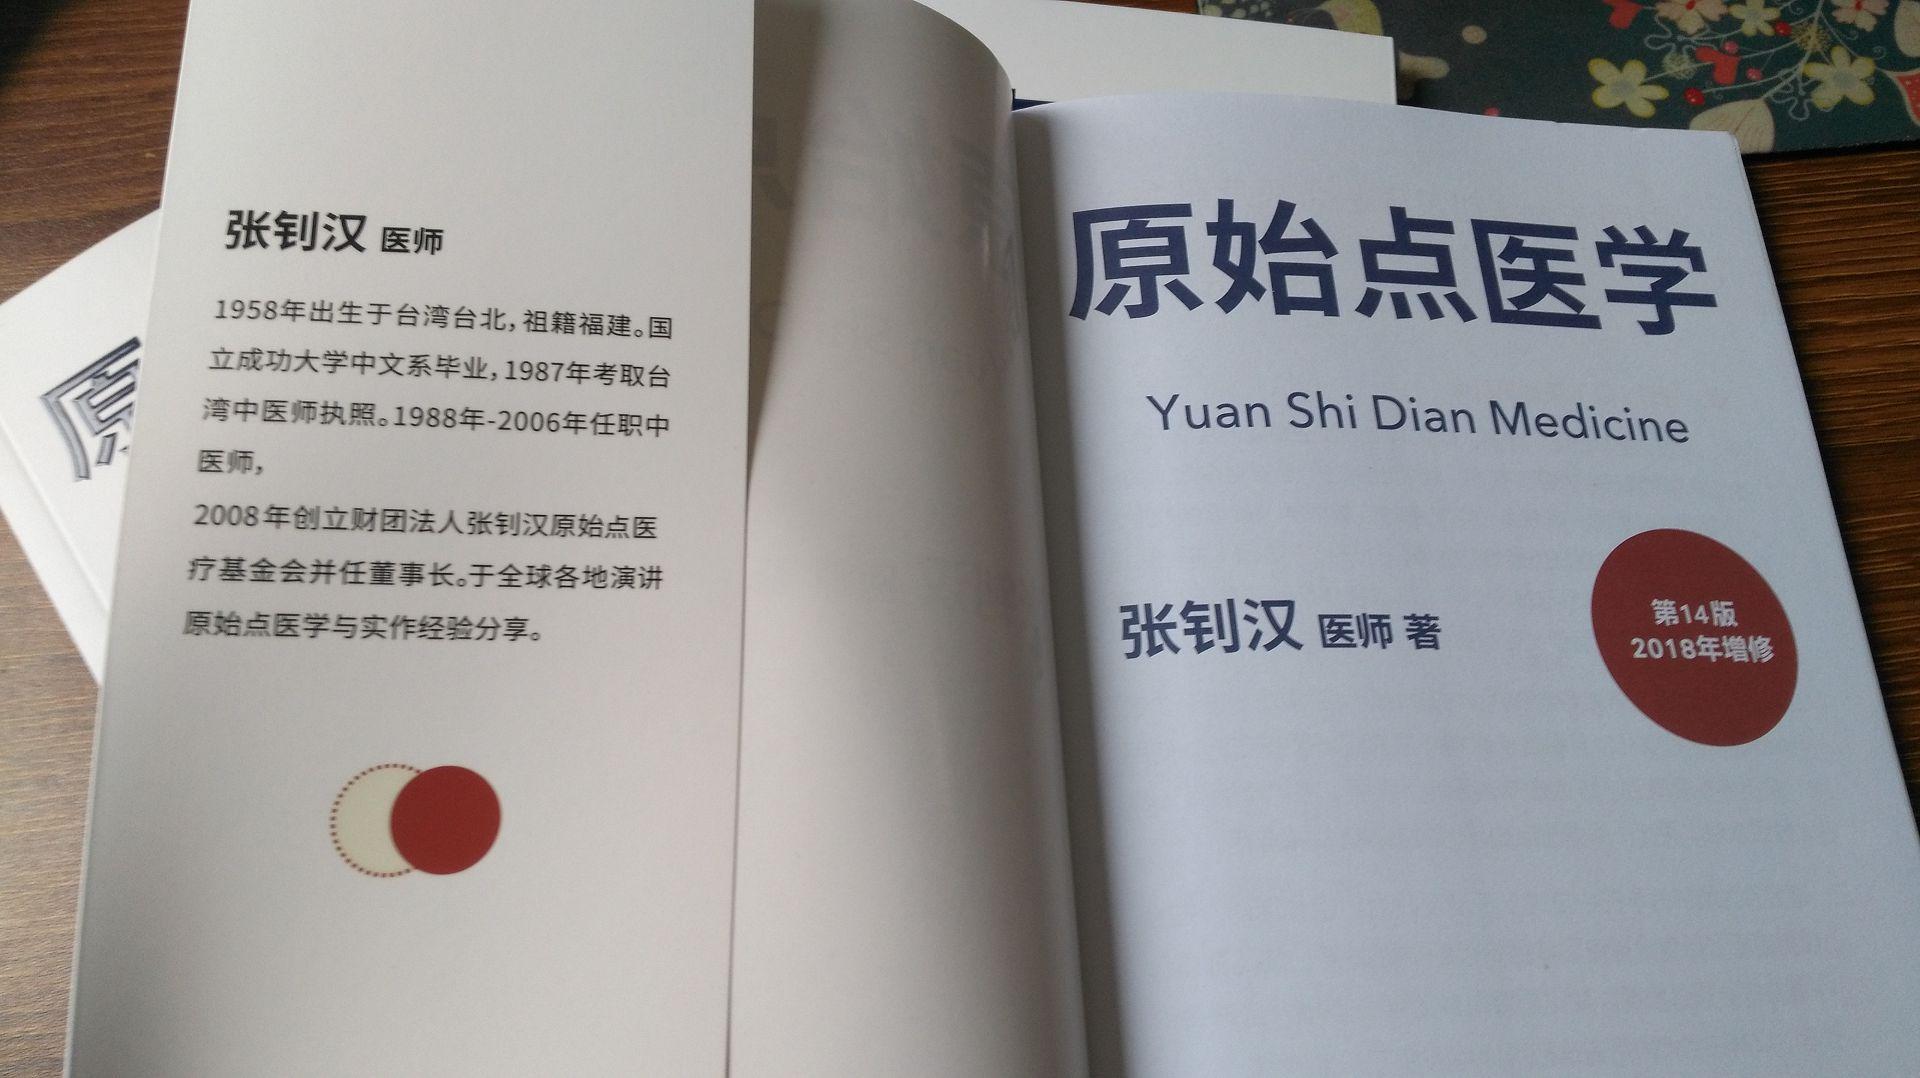 《原始点医学》手册V16V15V14 张钊汉著 新版简体 商品图0